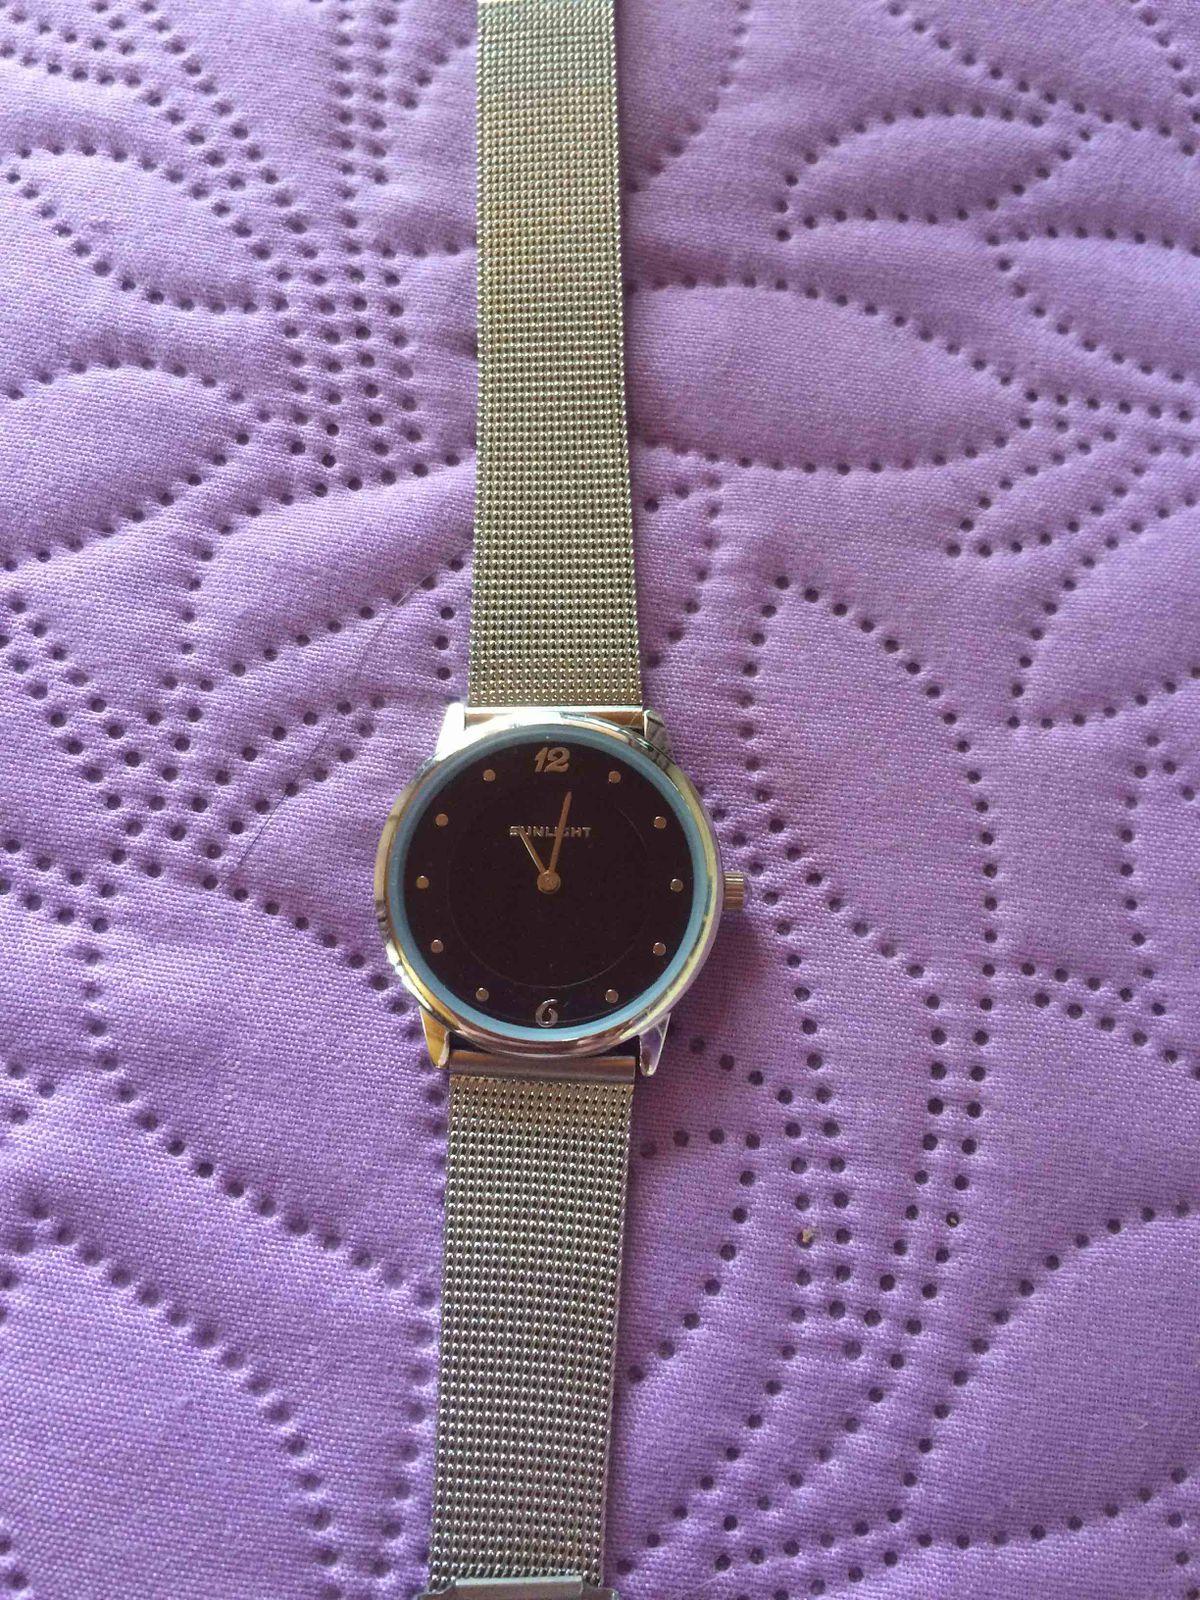 Часики супер.и цена приятная.я влюбилась в эти часы.ношу почти каждый день